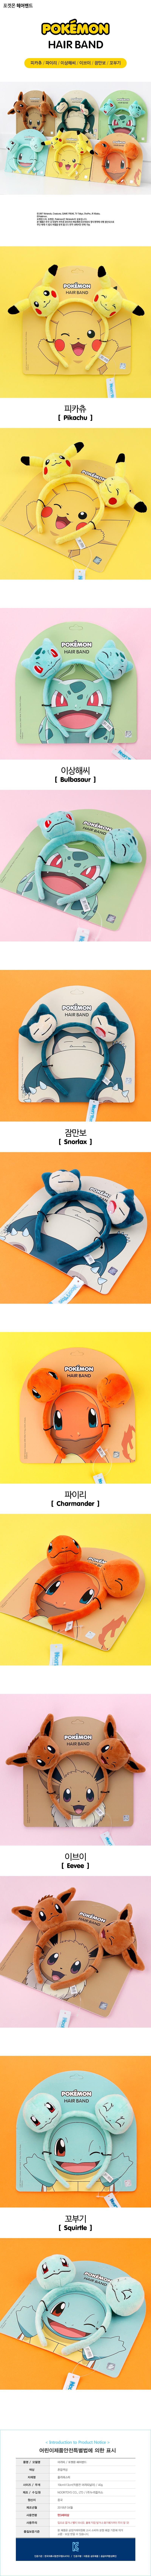 포켓몬 헤어밴드-(옵션) - 누리토이즈, 10,800원, 파티의상/잡화, 머리띠/머리장식/가발